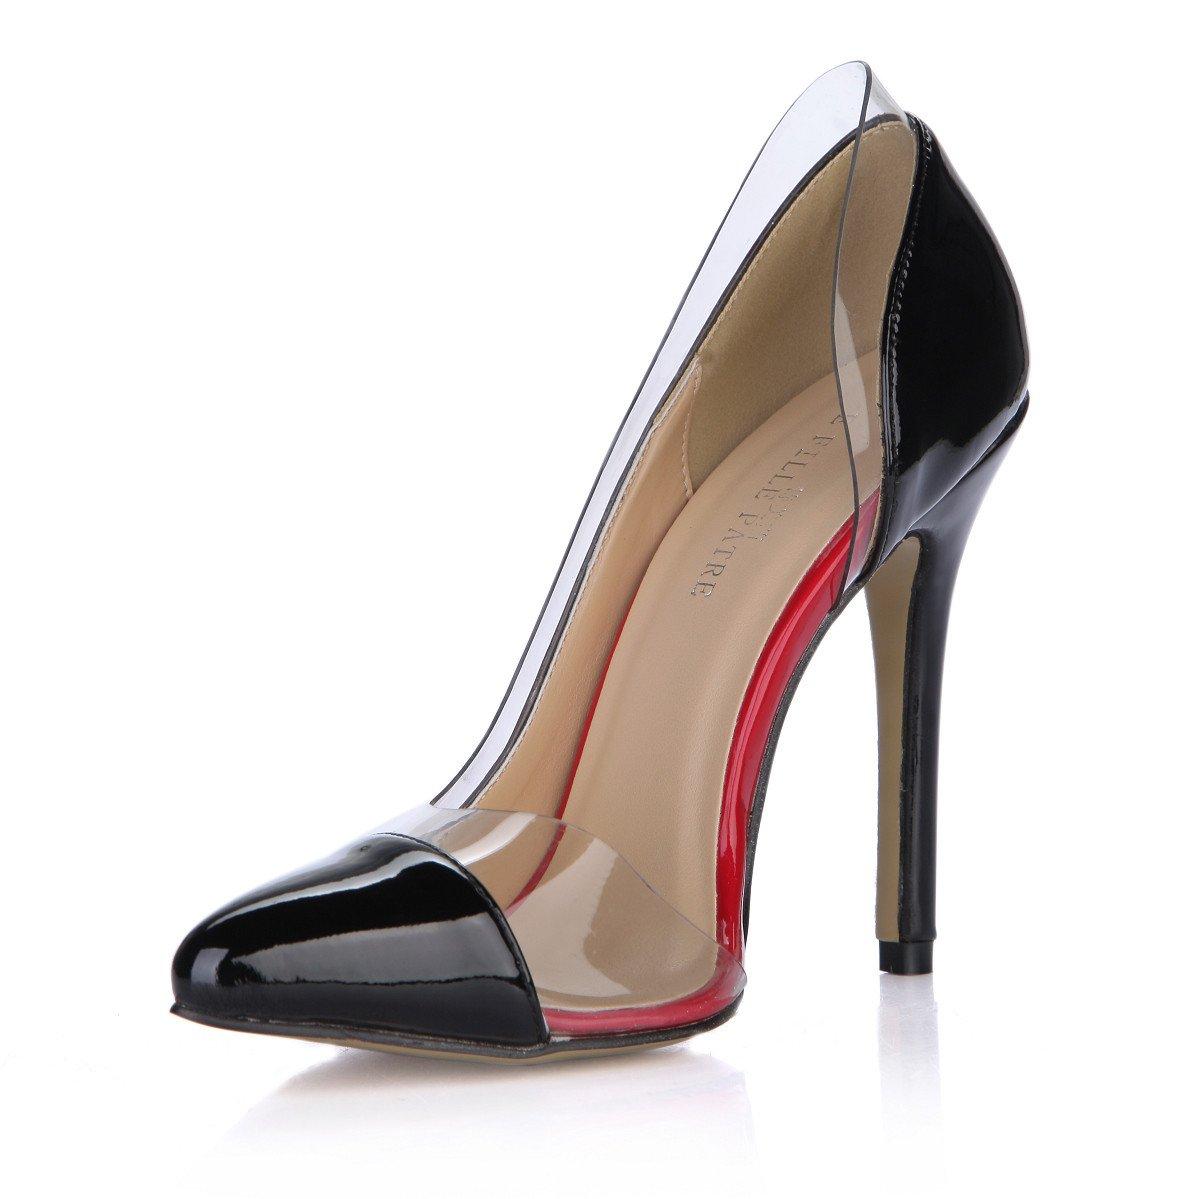 Noir Goût de la nouvelle maturité du produit cuir vernis noir à haut talon fine côté chaussures chaussures vide point cliquez sur US7.5   EU38   UK5.5   CN38